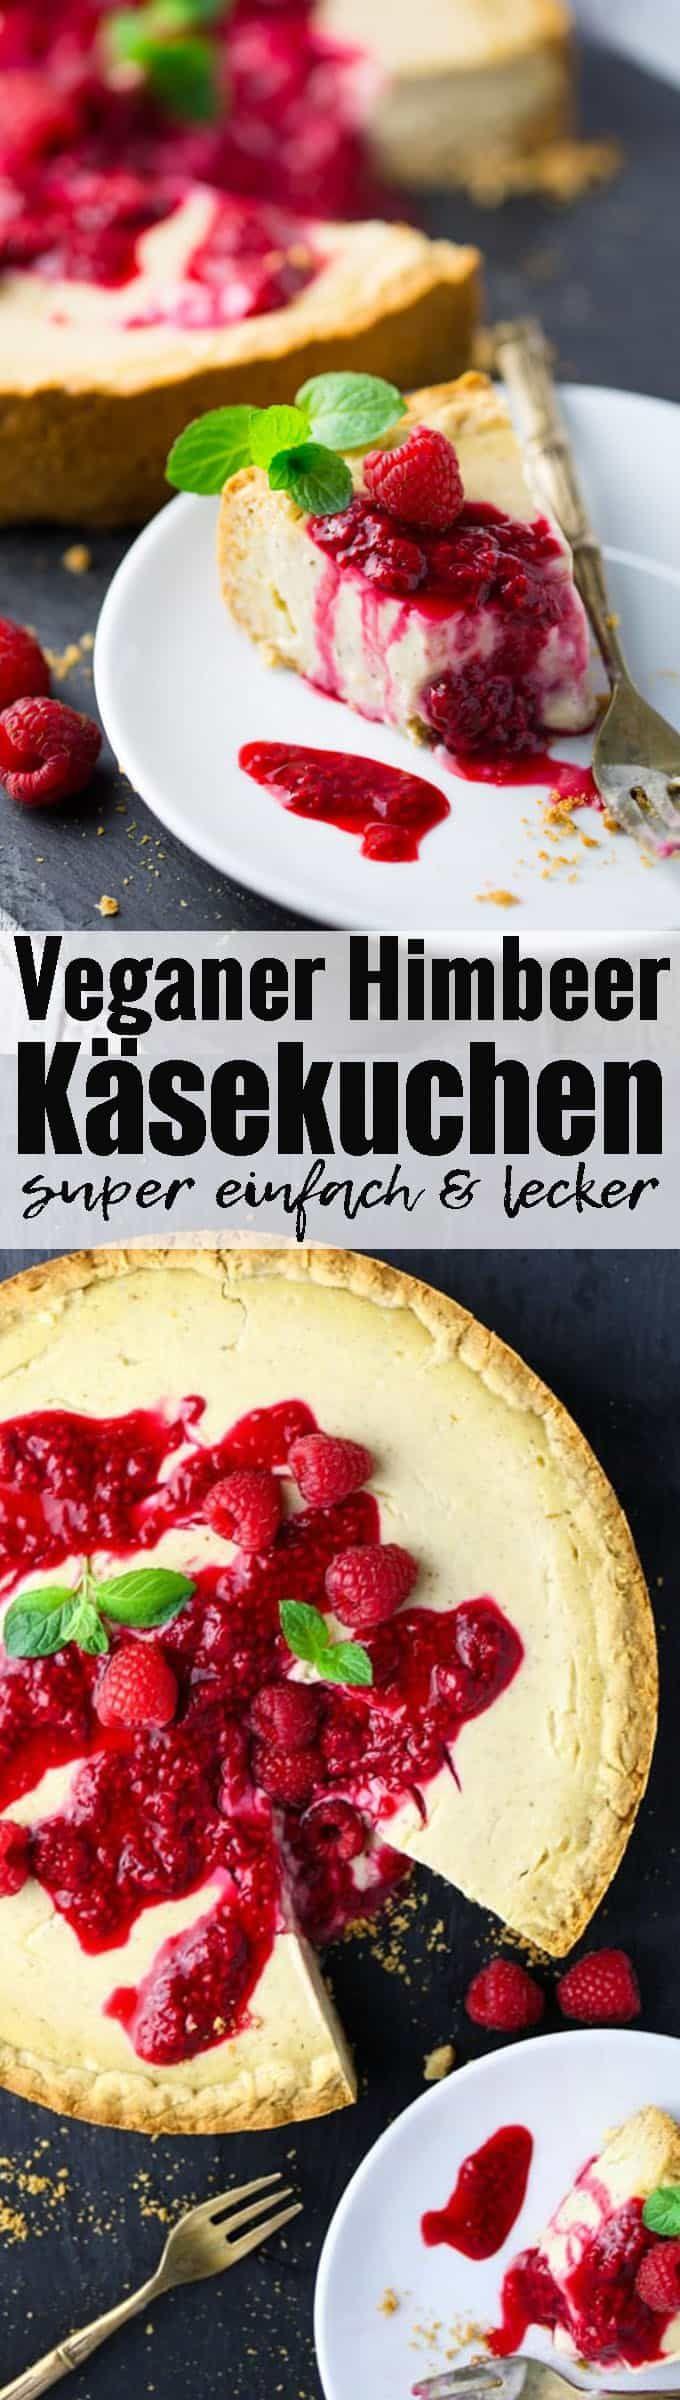 Veganer Himbeerkäsekuchen   – Käsekuchen & Cheesecake – Die besten Rezepte und Ideen